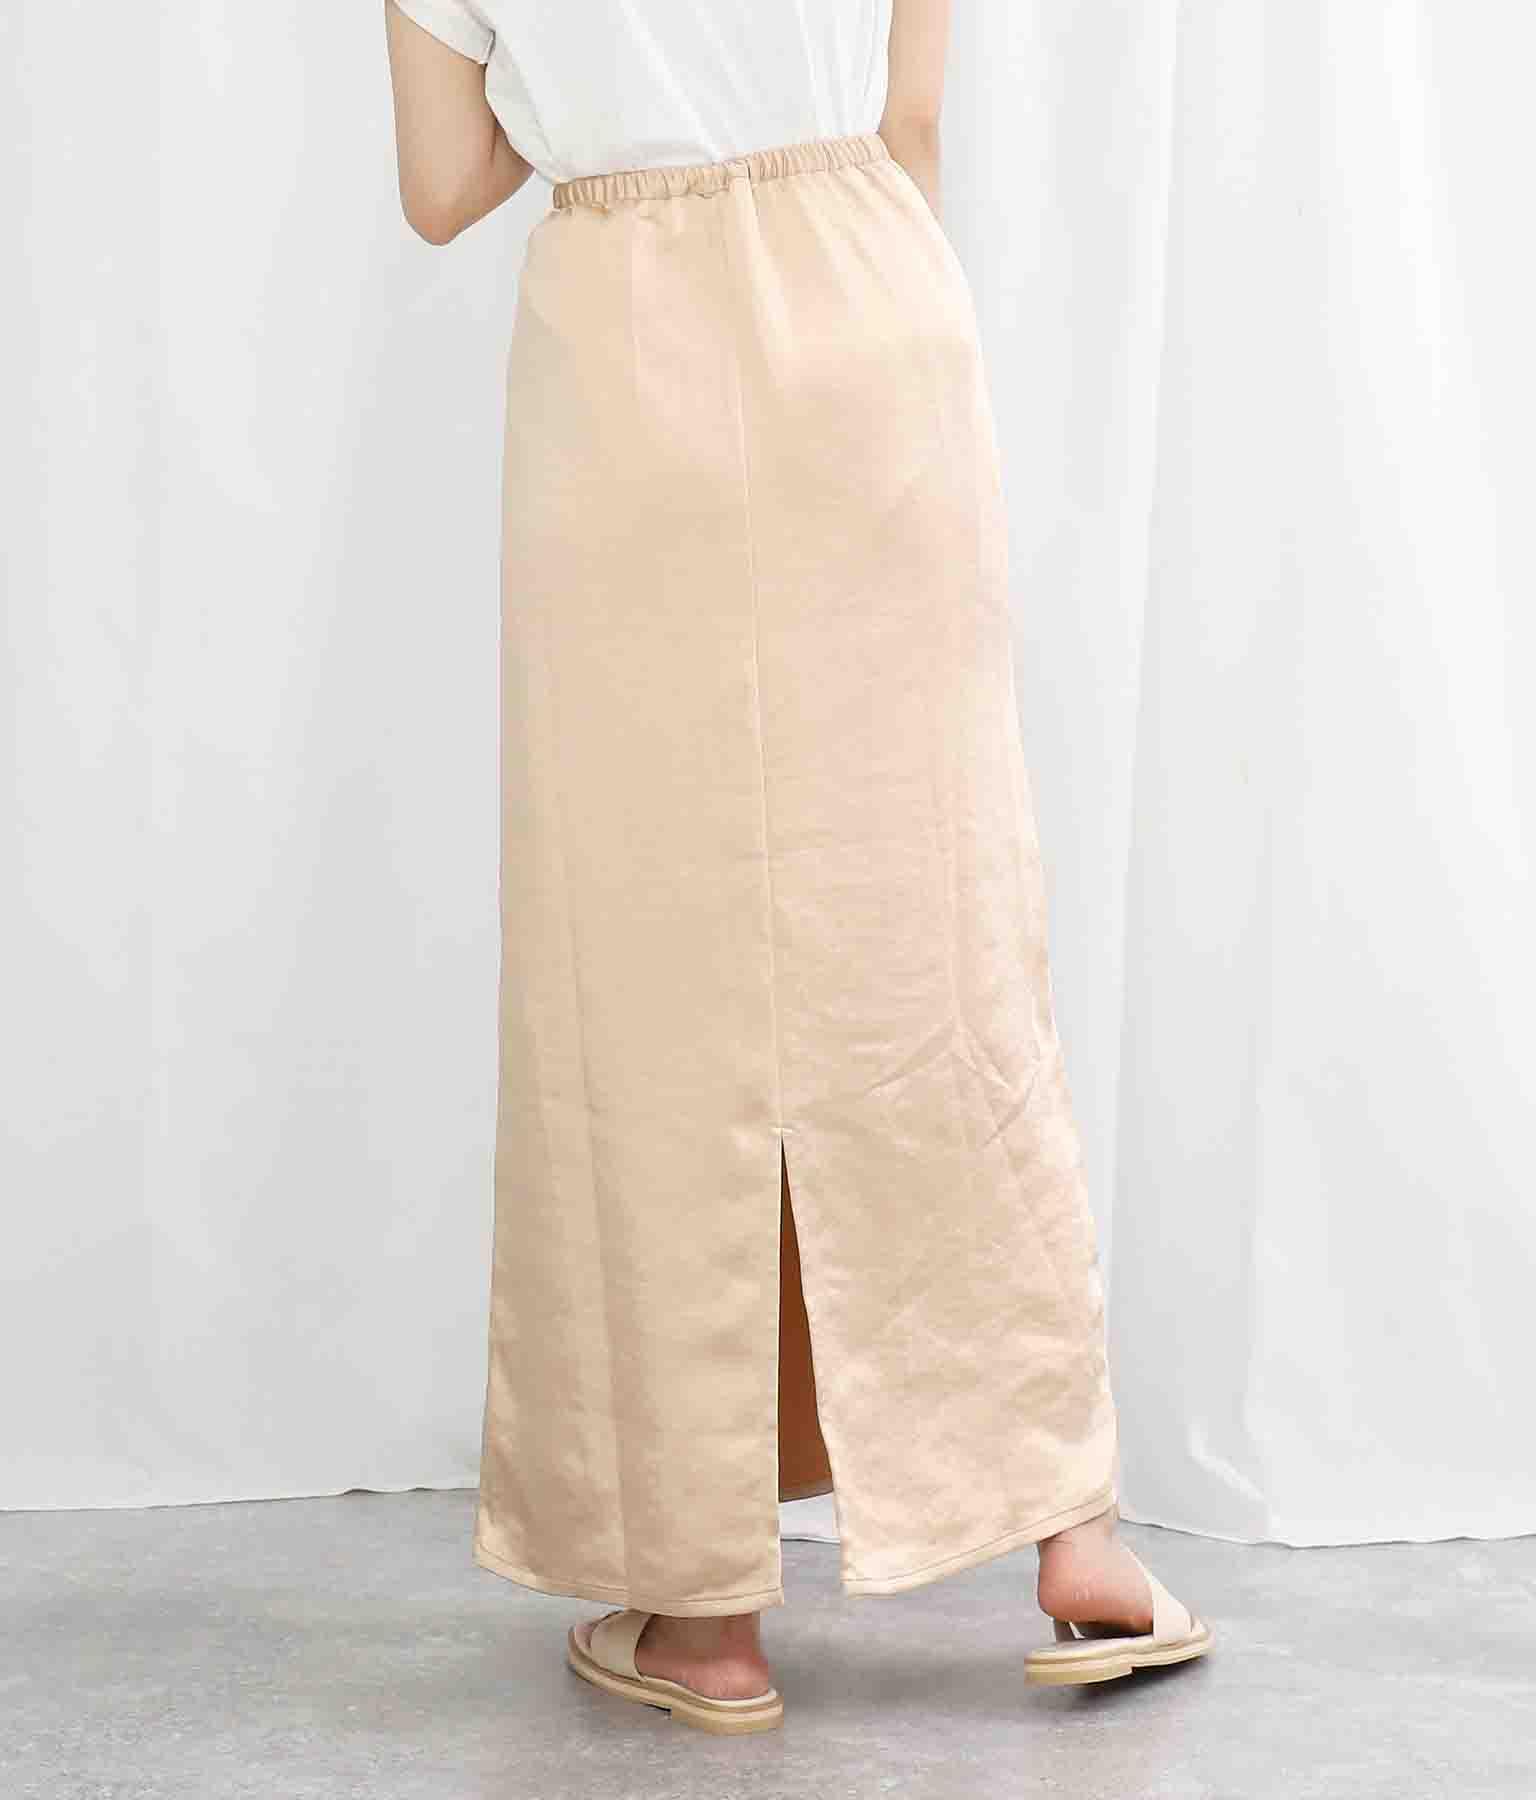 ヴィンテージサテンIラインマキシ丈スカート(ボトムス・パンツ /スカート) | Settimissimo